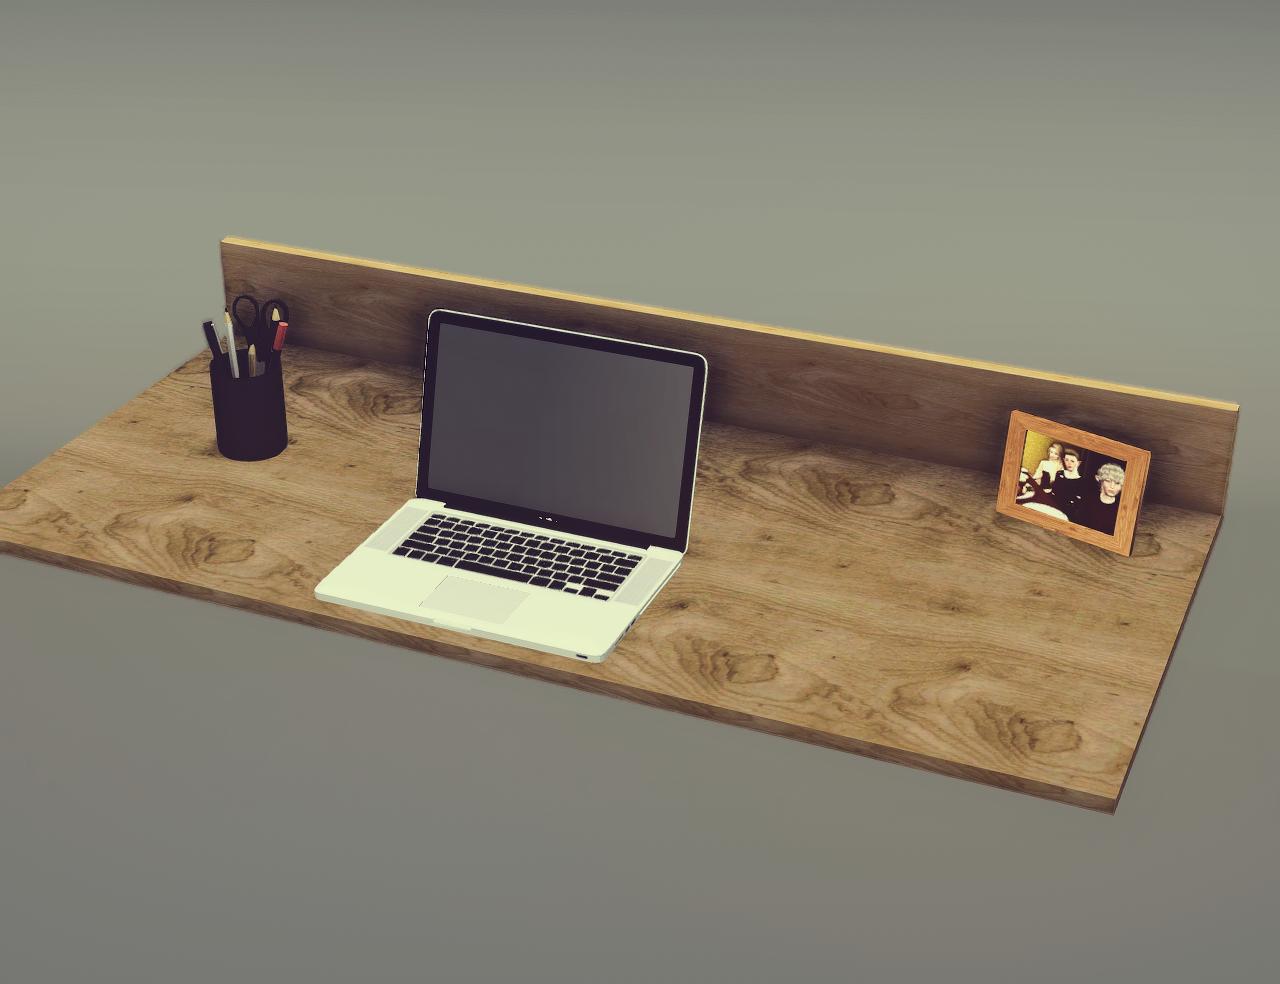 Kale house floating desk